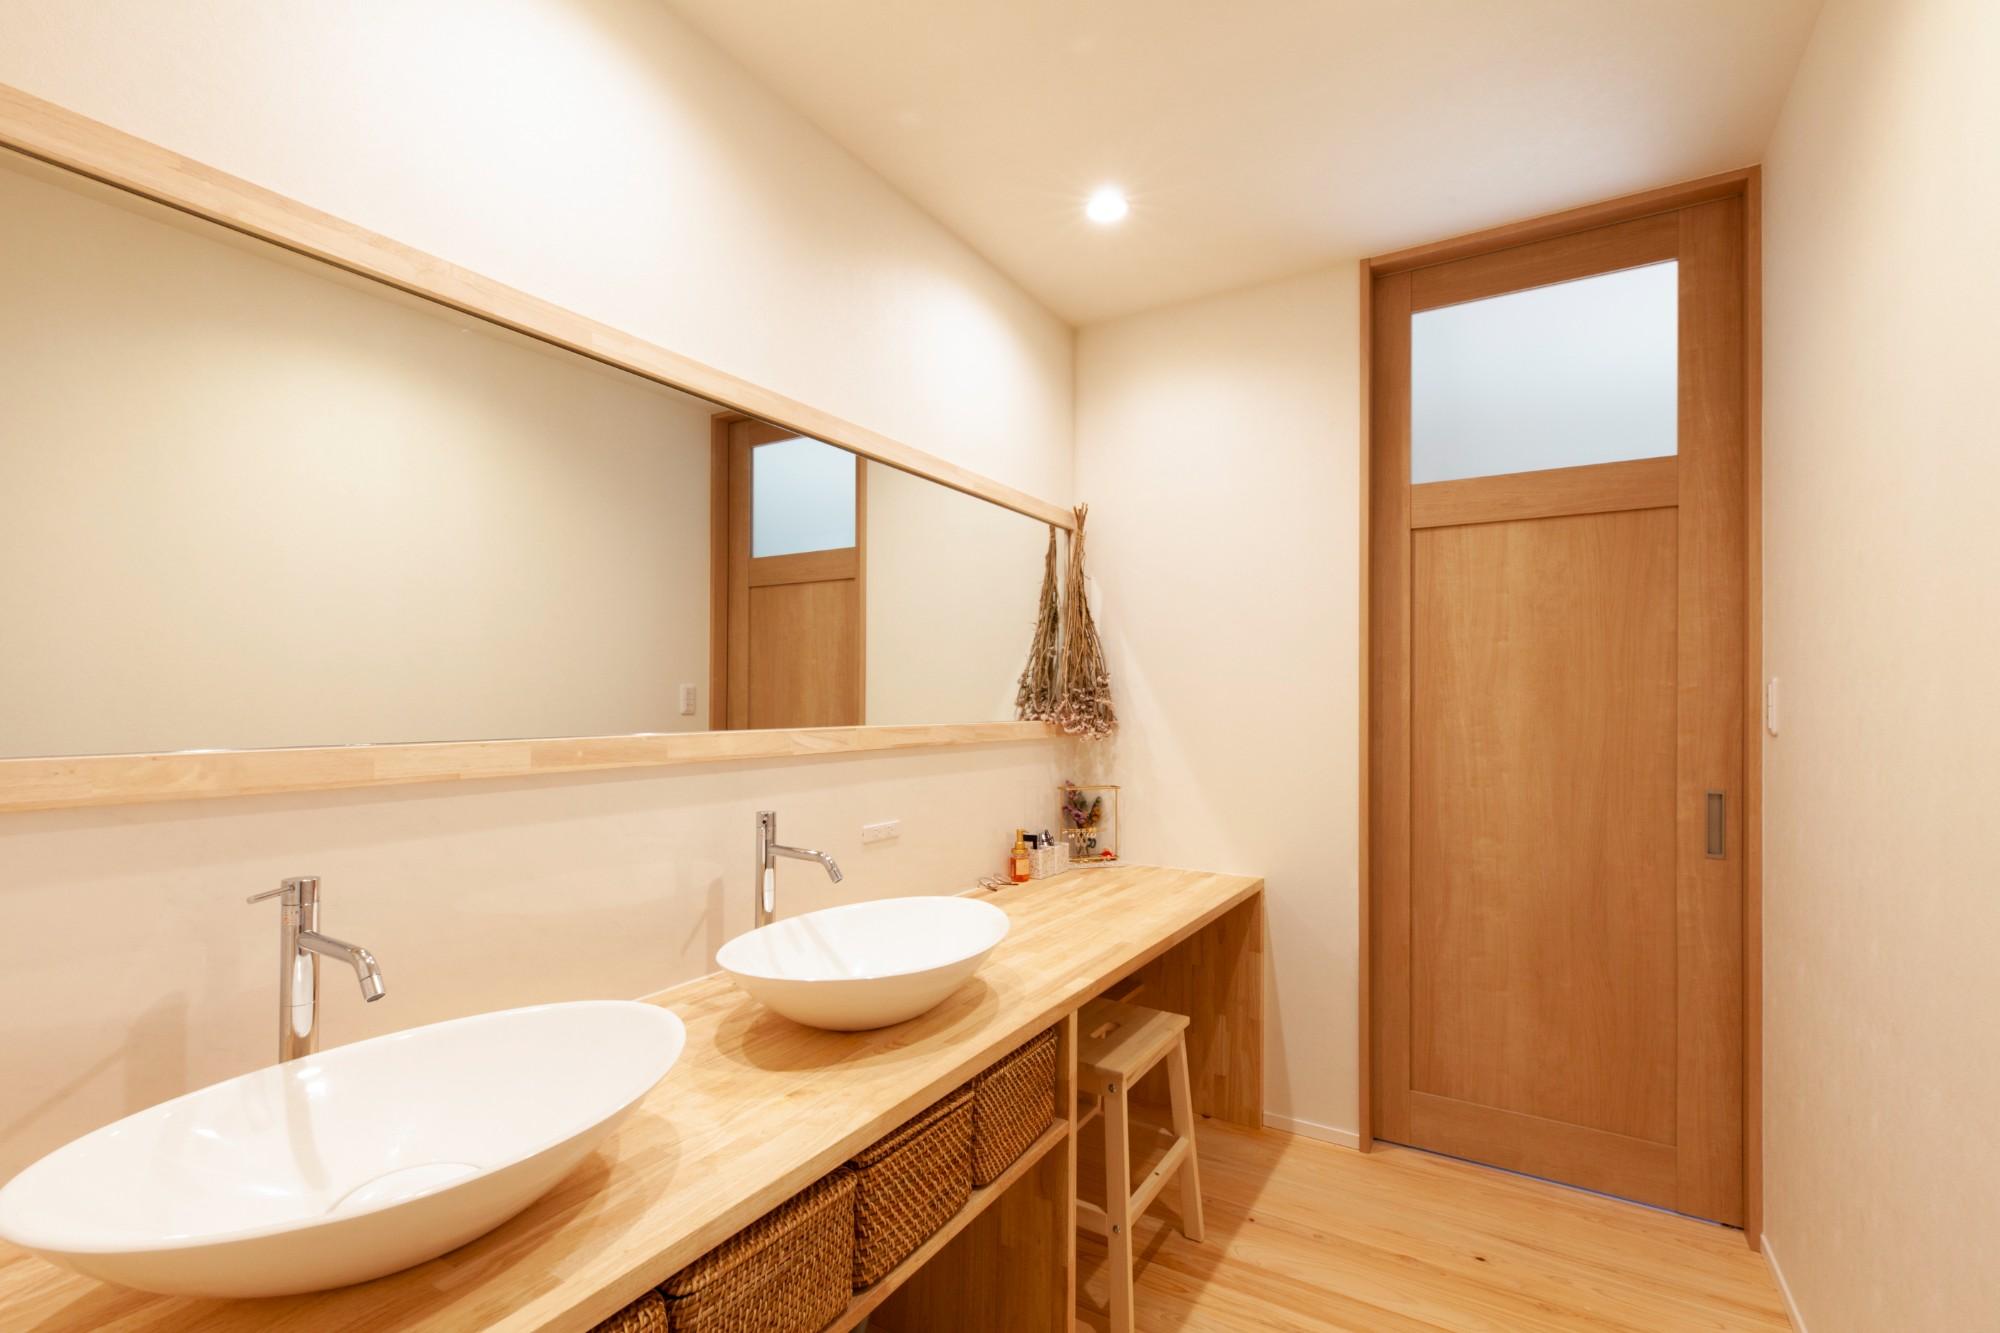 新潟材協 クオリティハウス「自然素材に彩られた、家族と繋がる住まい」のシンプル・ナチュラルな洗面所・脱衣所の実例写真